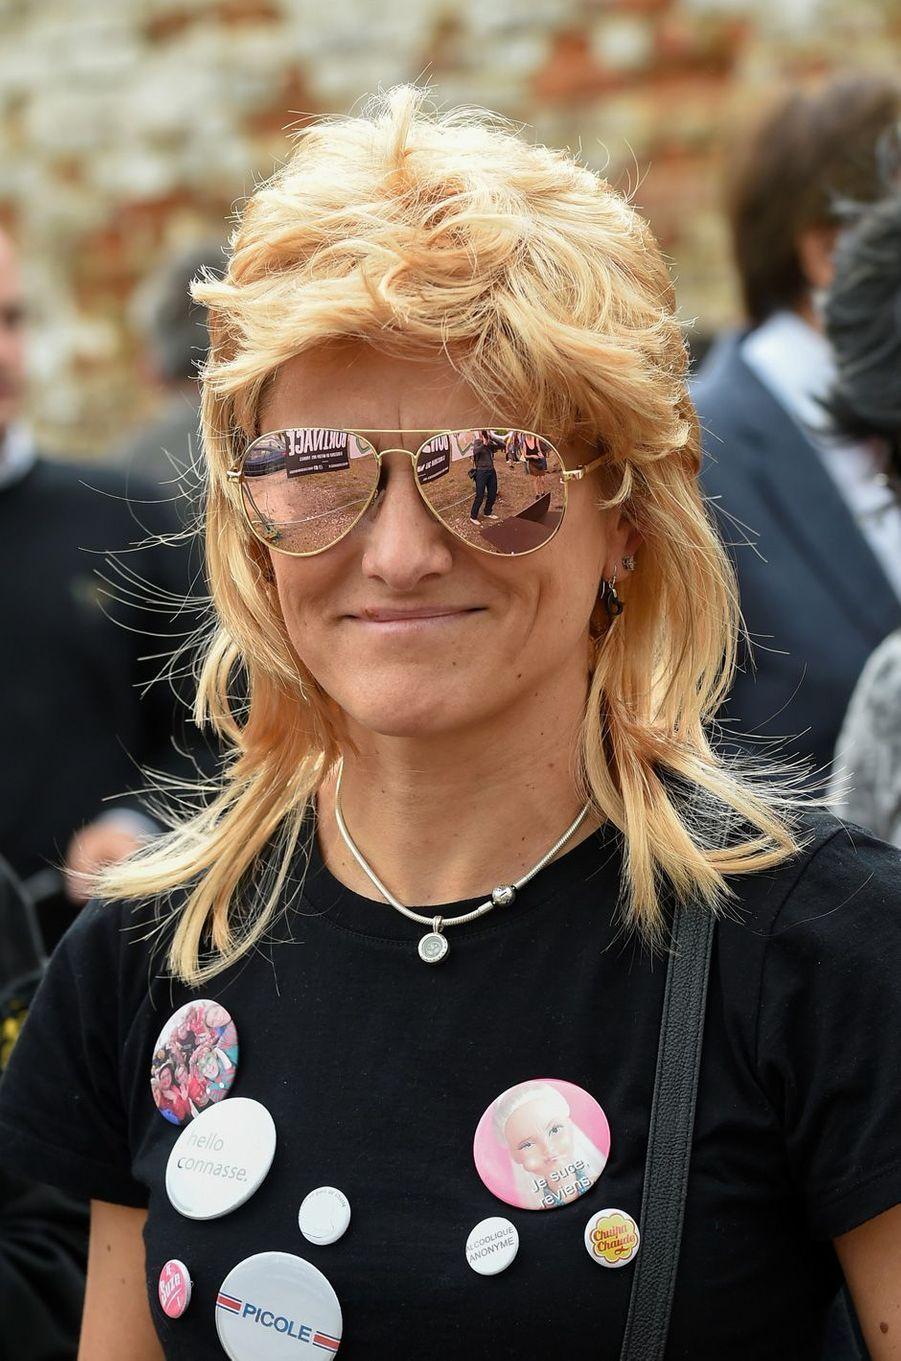 Une participante au festival dédié à la coupe mulet, organisé àBoussu samedi.